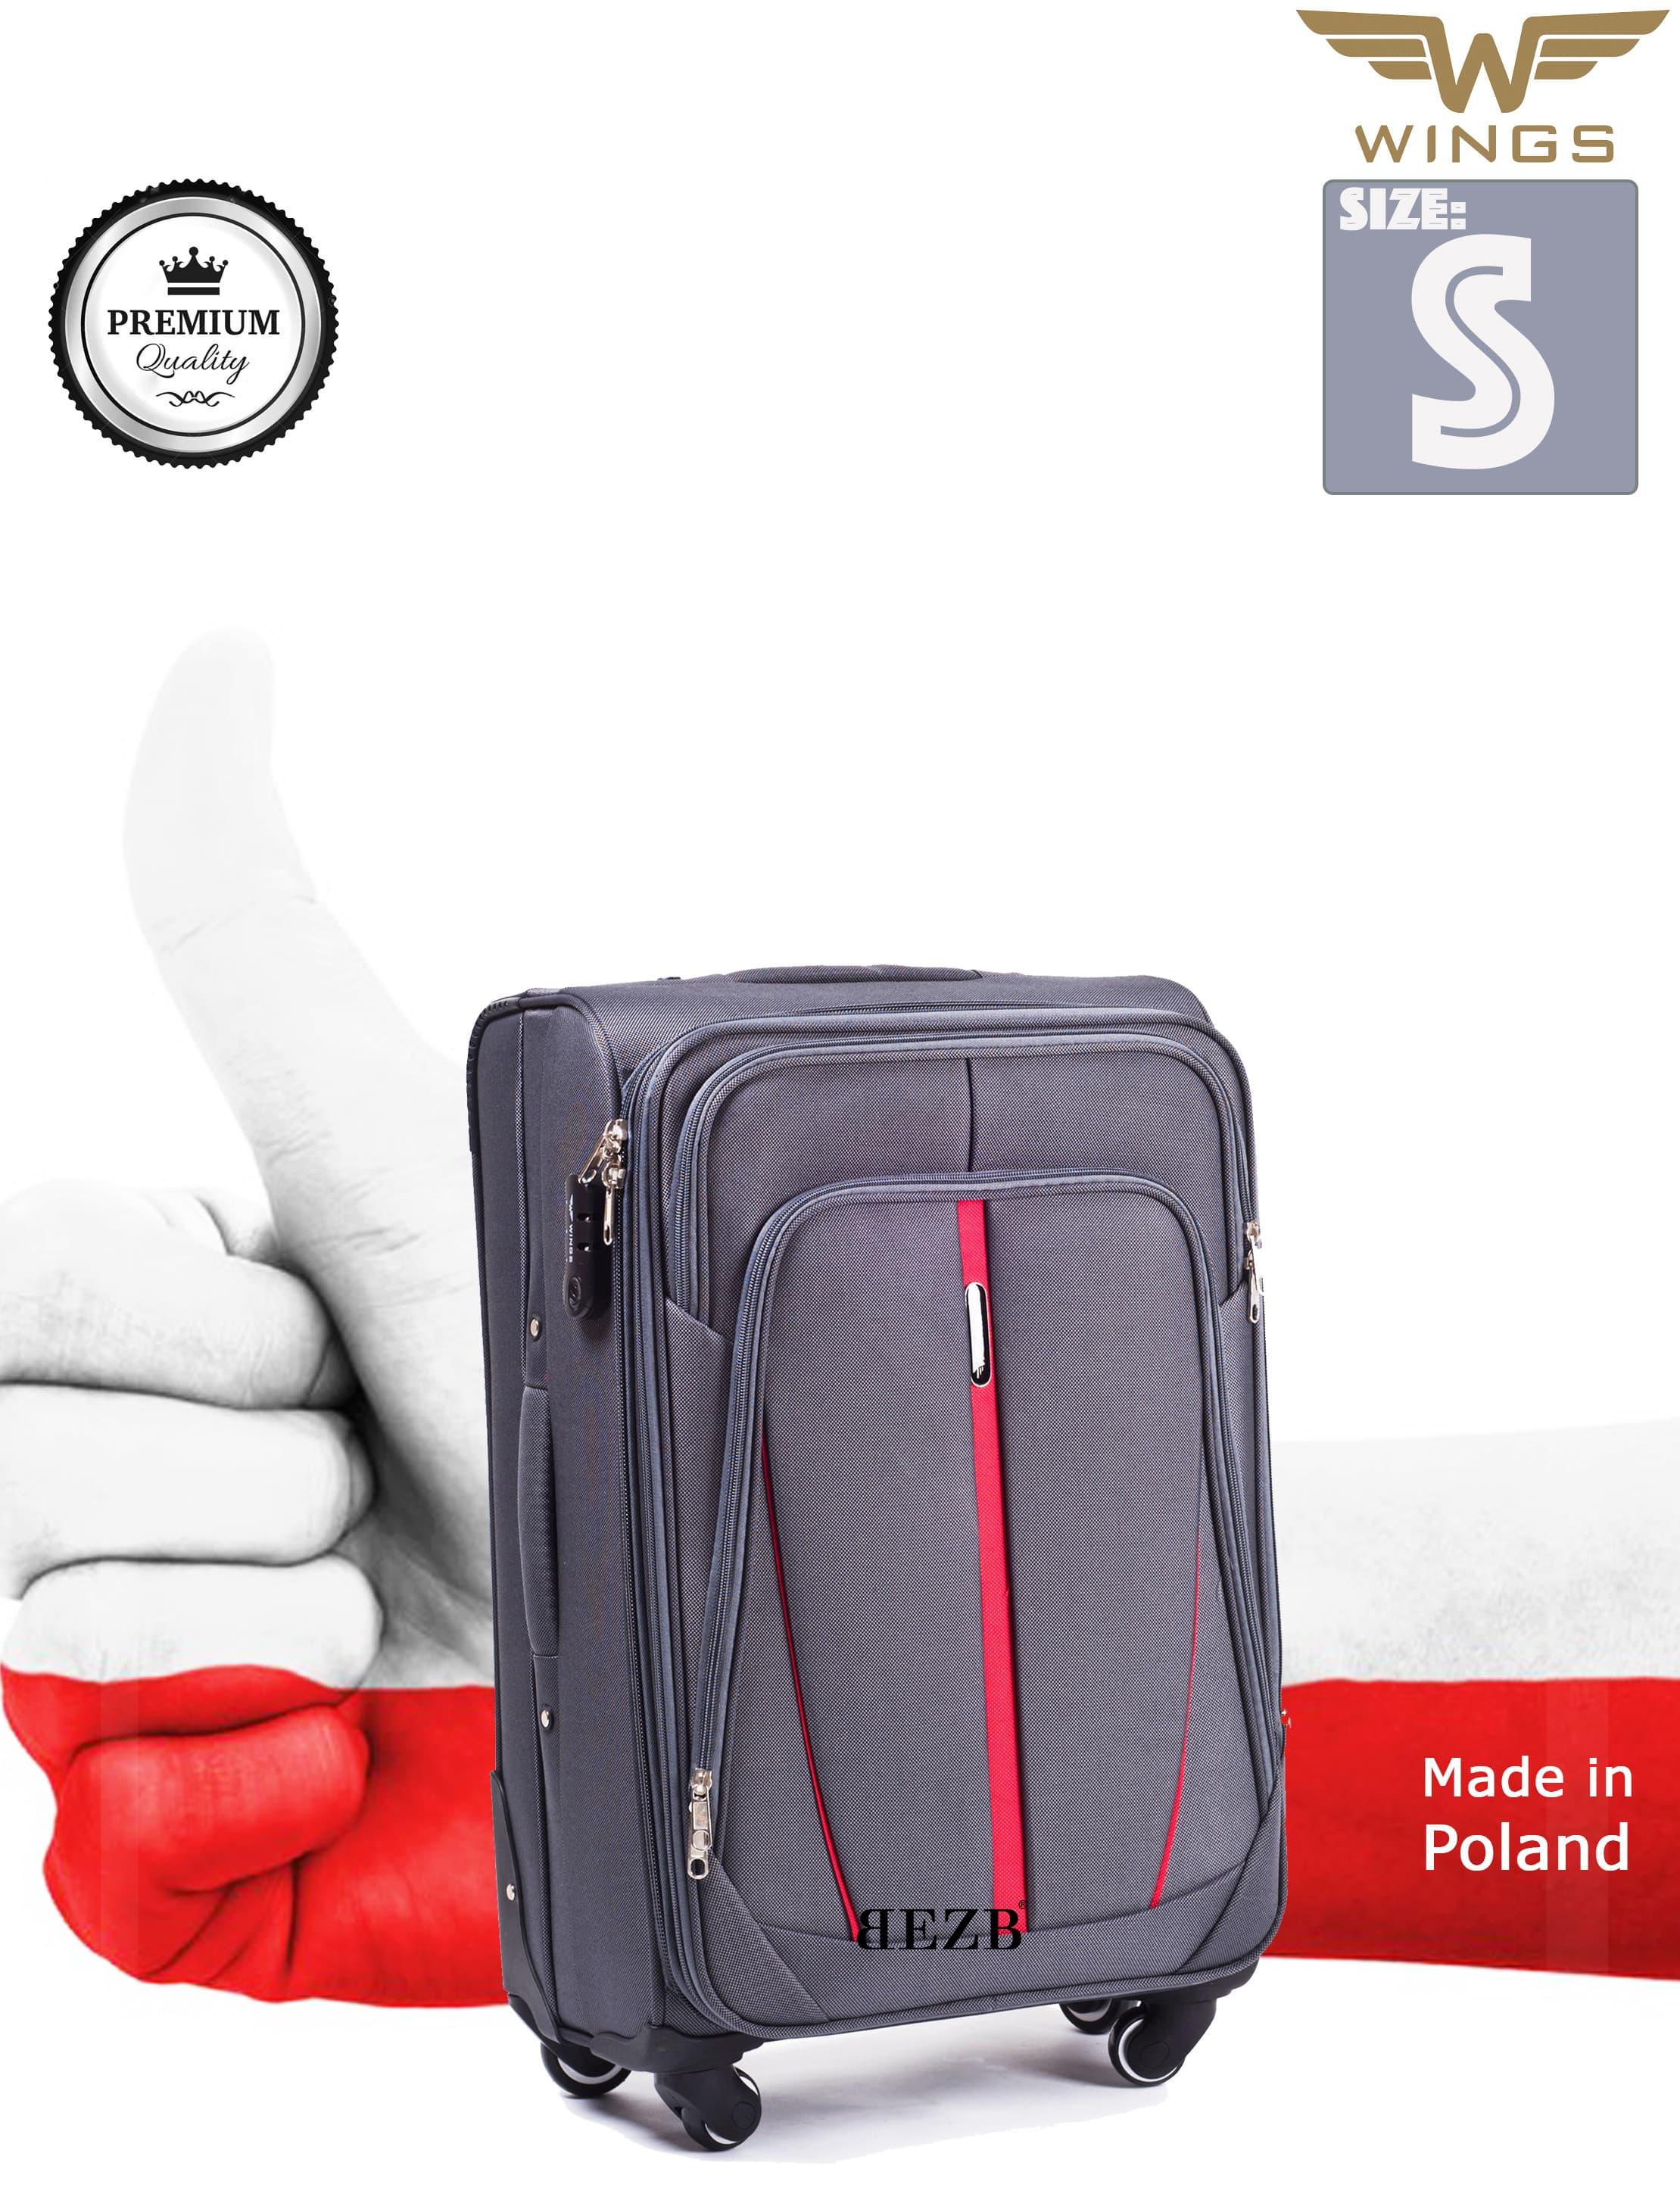 Valiza mica din textil Wings 1706-4 S Grey PREMIUM pe 4 roti rezistente!Pt bagaj,pina la 10 kg